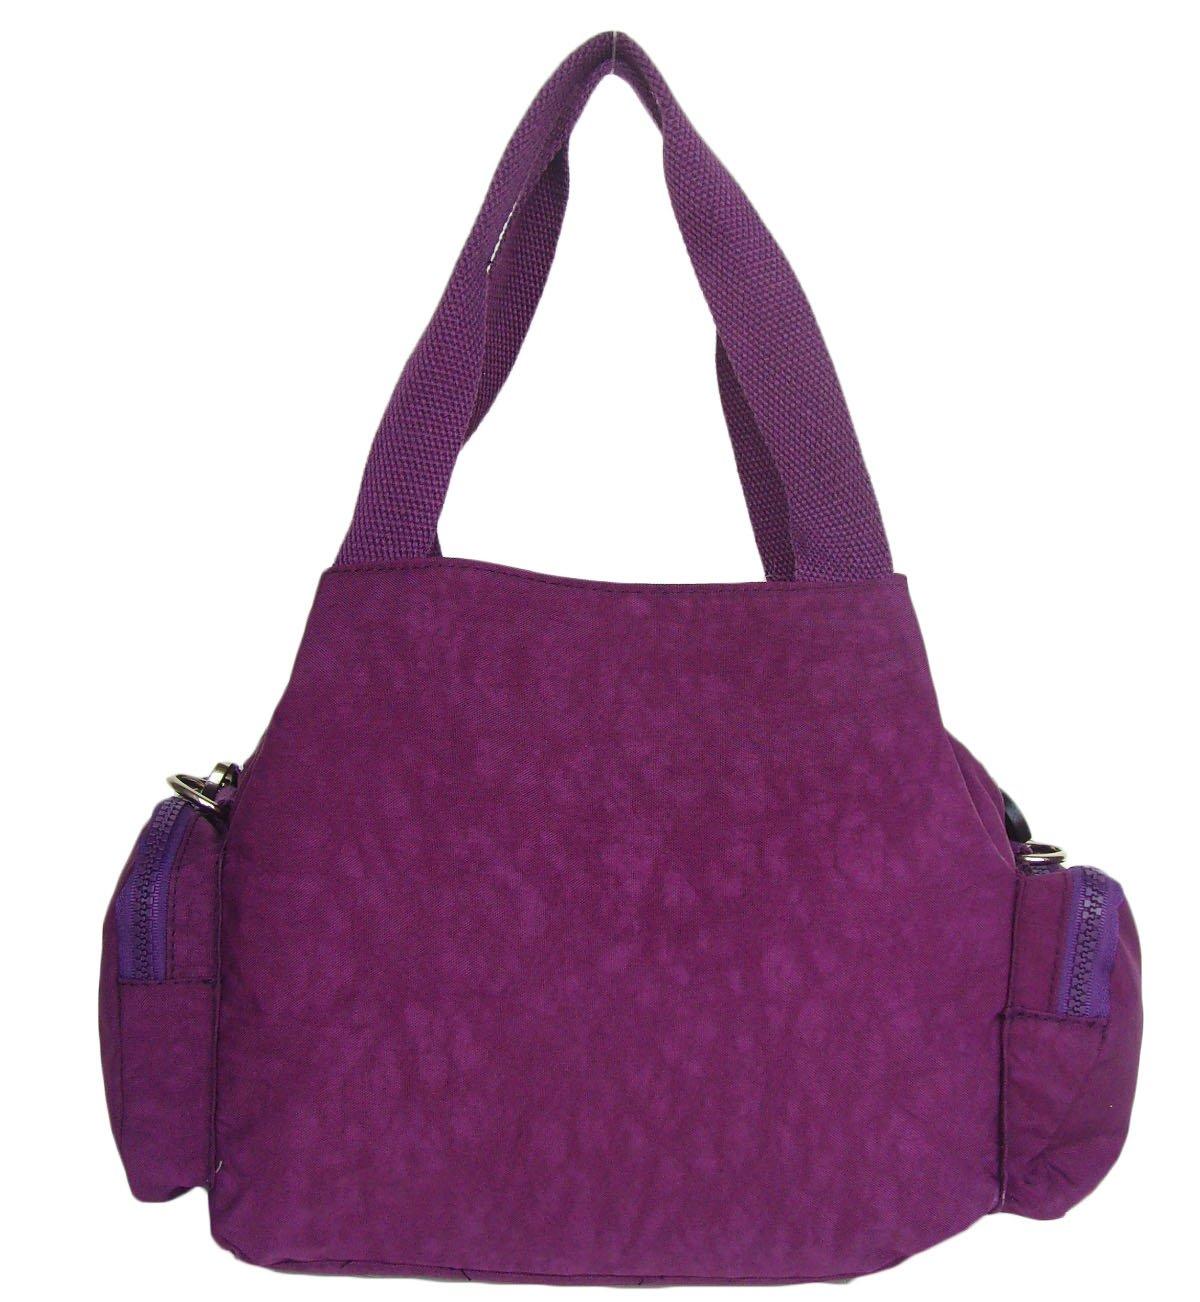 HONG YE Pure Stripe Slouch Bag,sku:hb77purple7